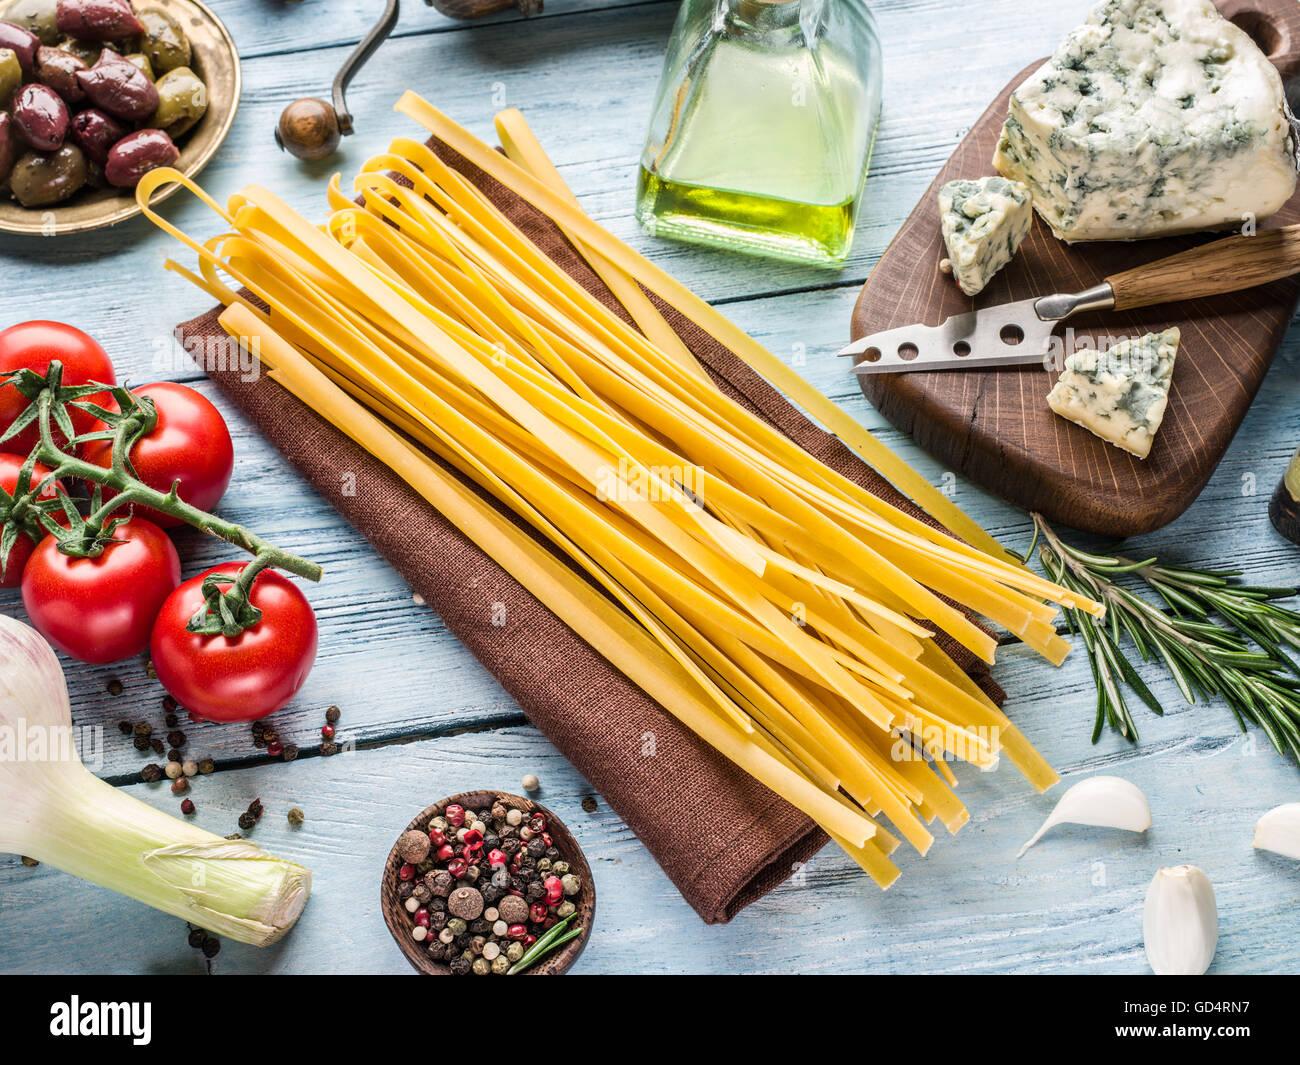 Ingredienti per la pasta. Cherry-pomodori, spaghetti, rosmarino e spezie sul tavolo di legno. Foto Stock